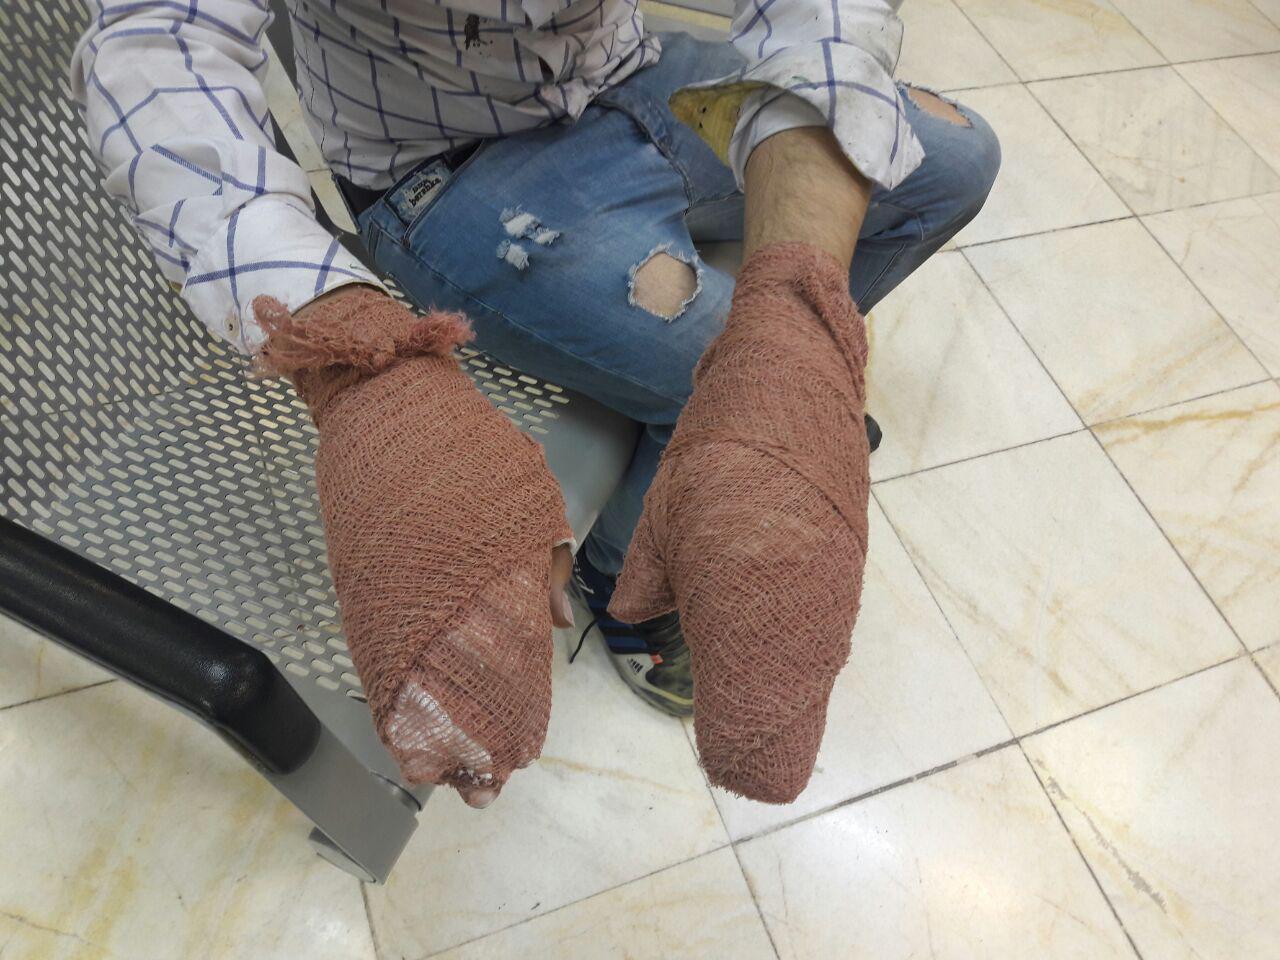 آخرین آمار از قربانیان چهارشنبه سوری/ فوت نوجوان 15 ساله البرزی براثر انفجار مواد محترقه